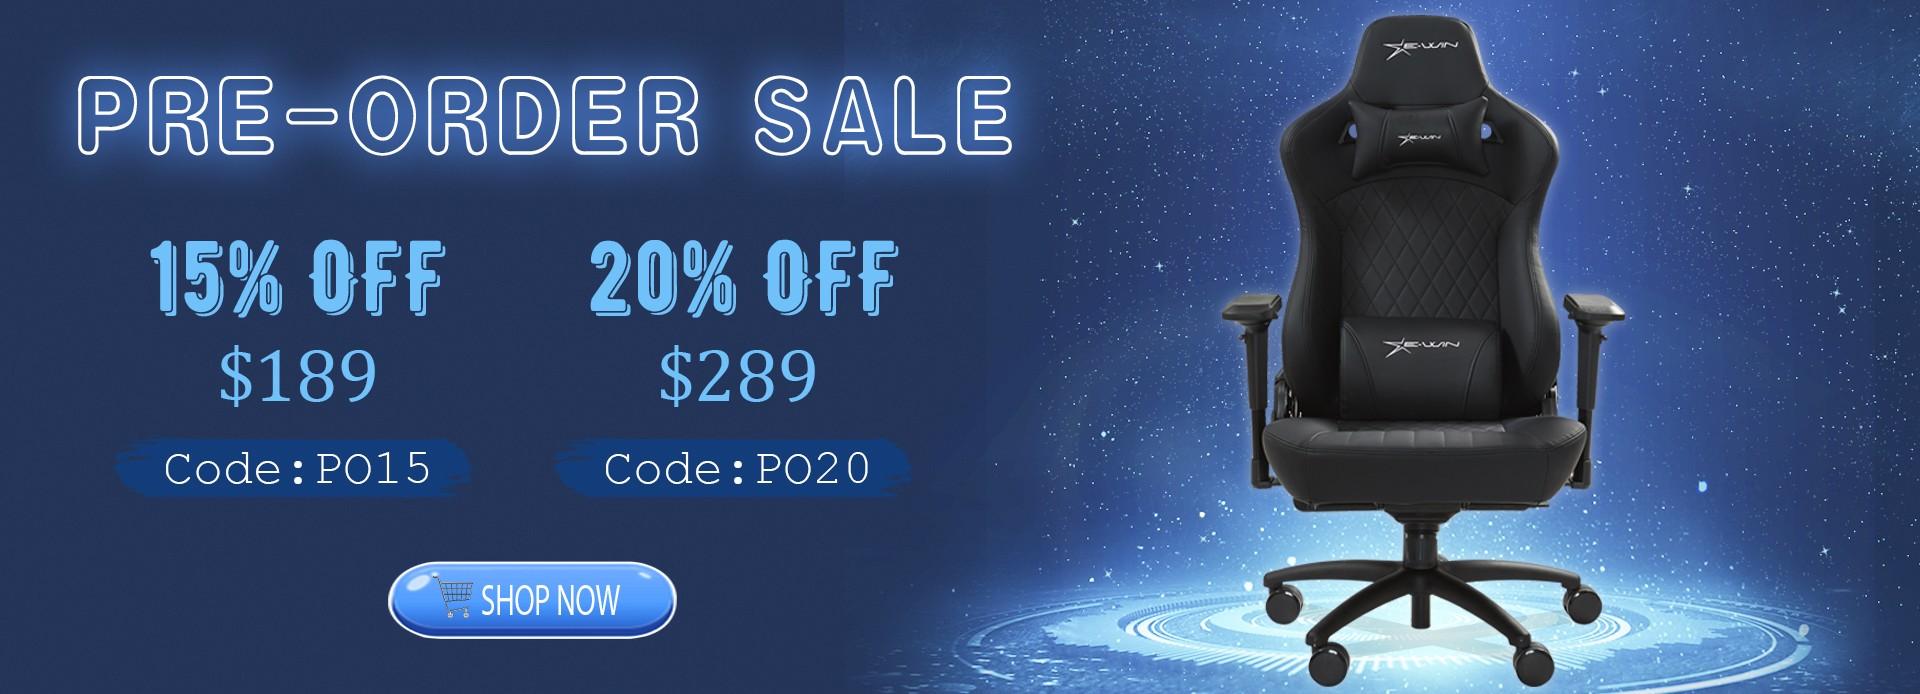 2020 Pre-Order Sale